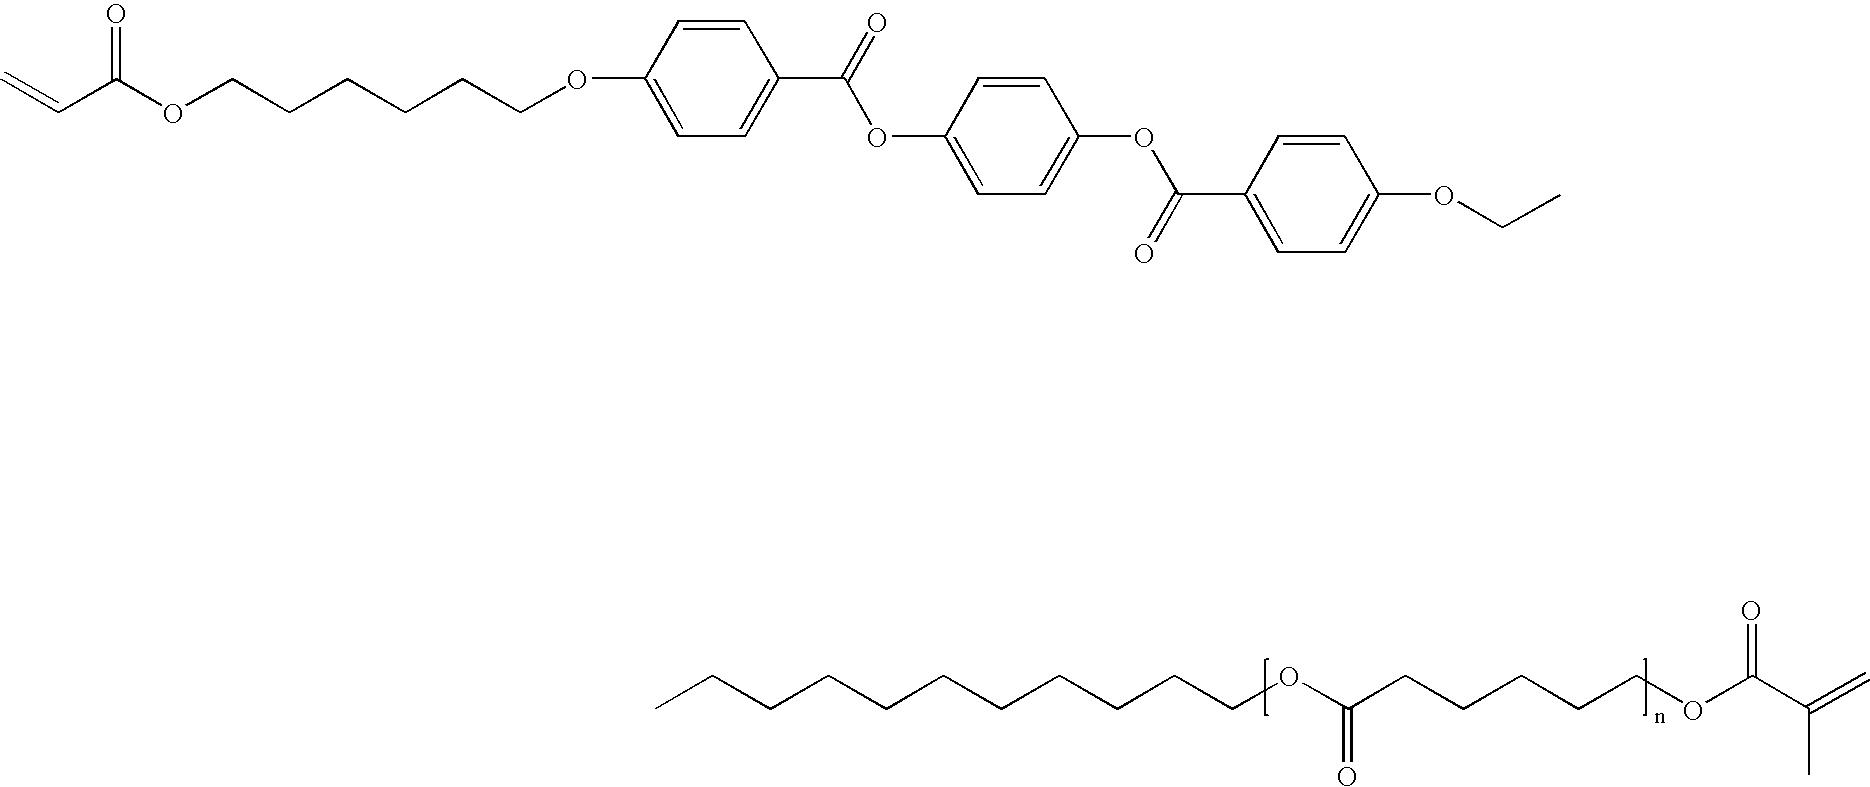 Figure US20100014010A1-20100121-C00120